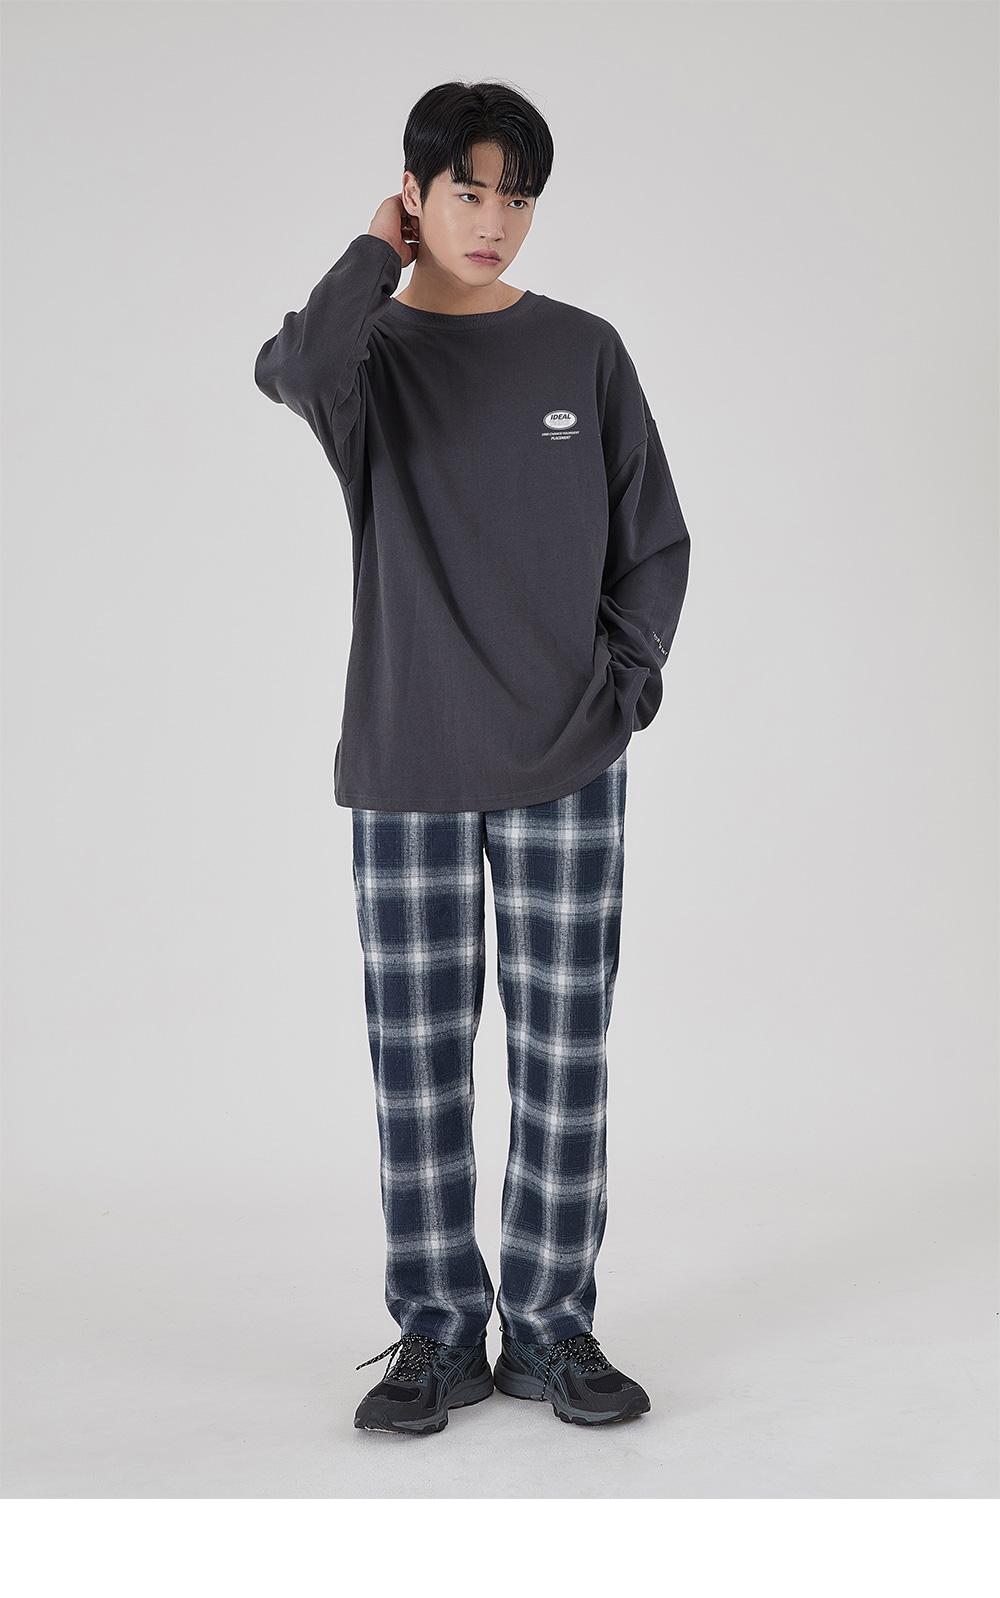 어커버(ACOVER) 포인트 서클 롱티셔츠 5color